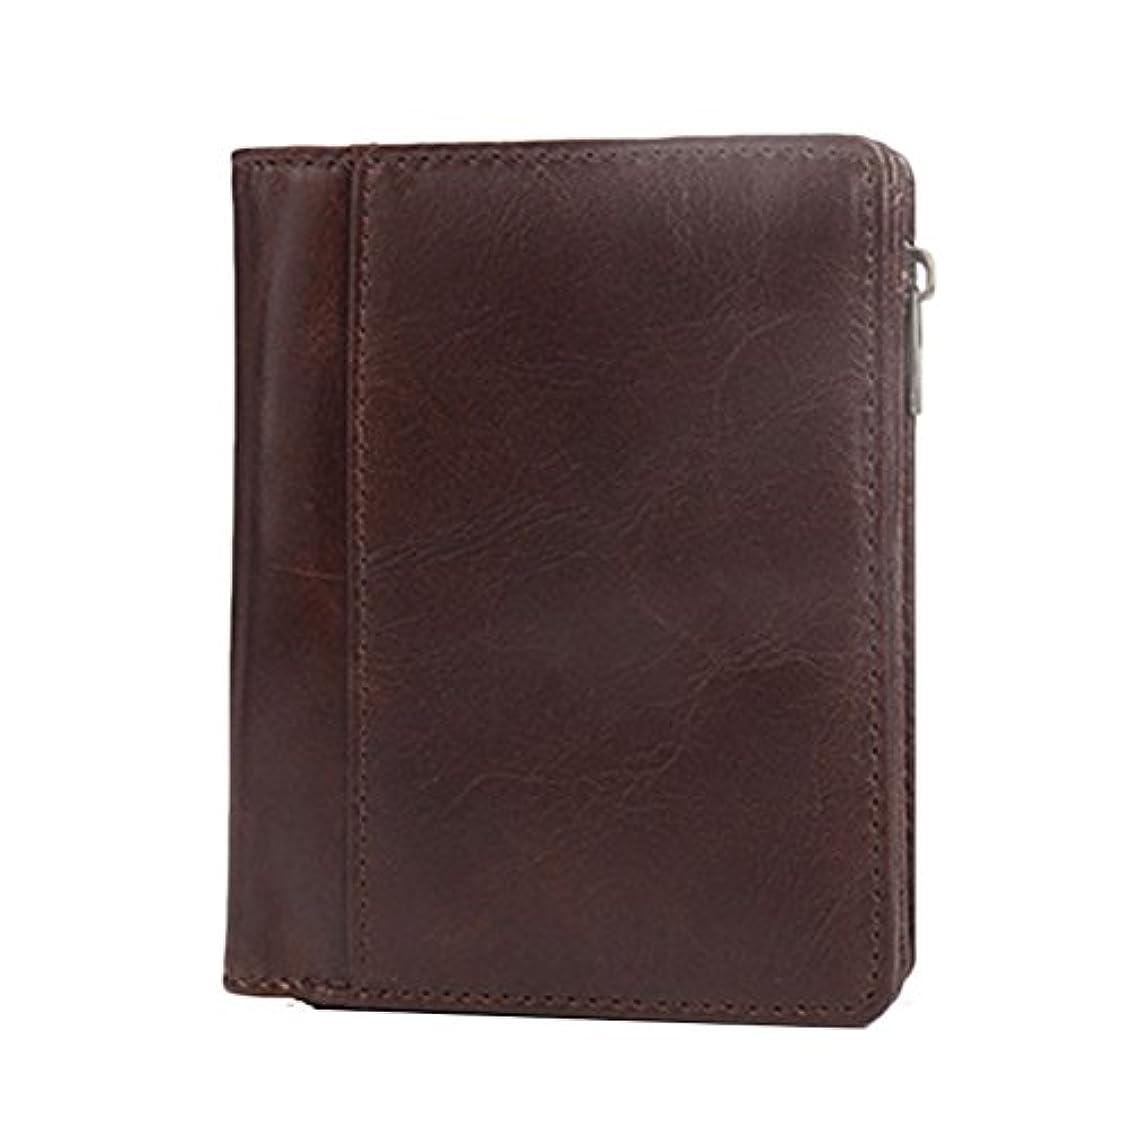 武器ネイティブマウンドZhhlaixing 高級財布 Mens Soft Cowhide Leather Wallet Fold Design Best Purse with Zipper Pocket